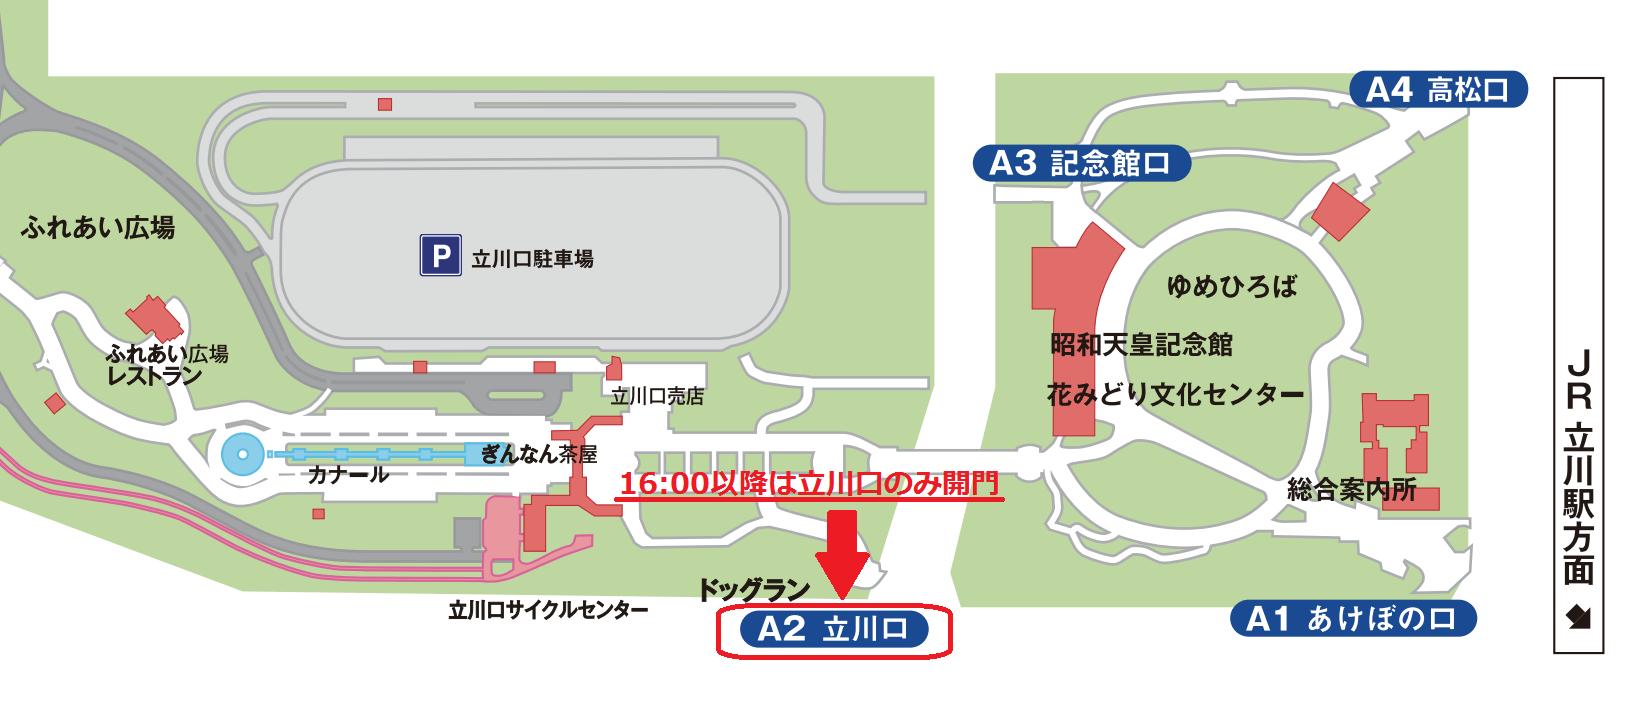 昭和記念公園イルミネーション2016入口立川口